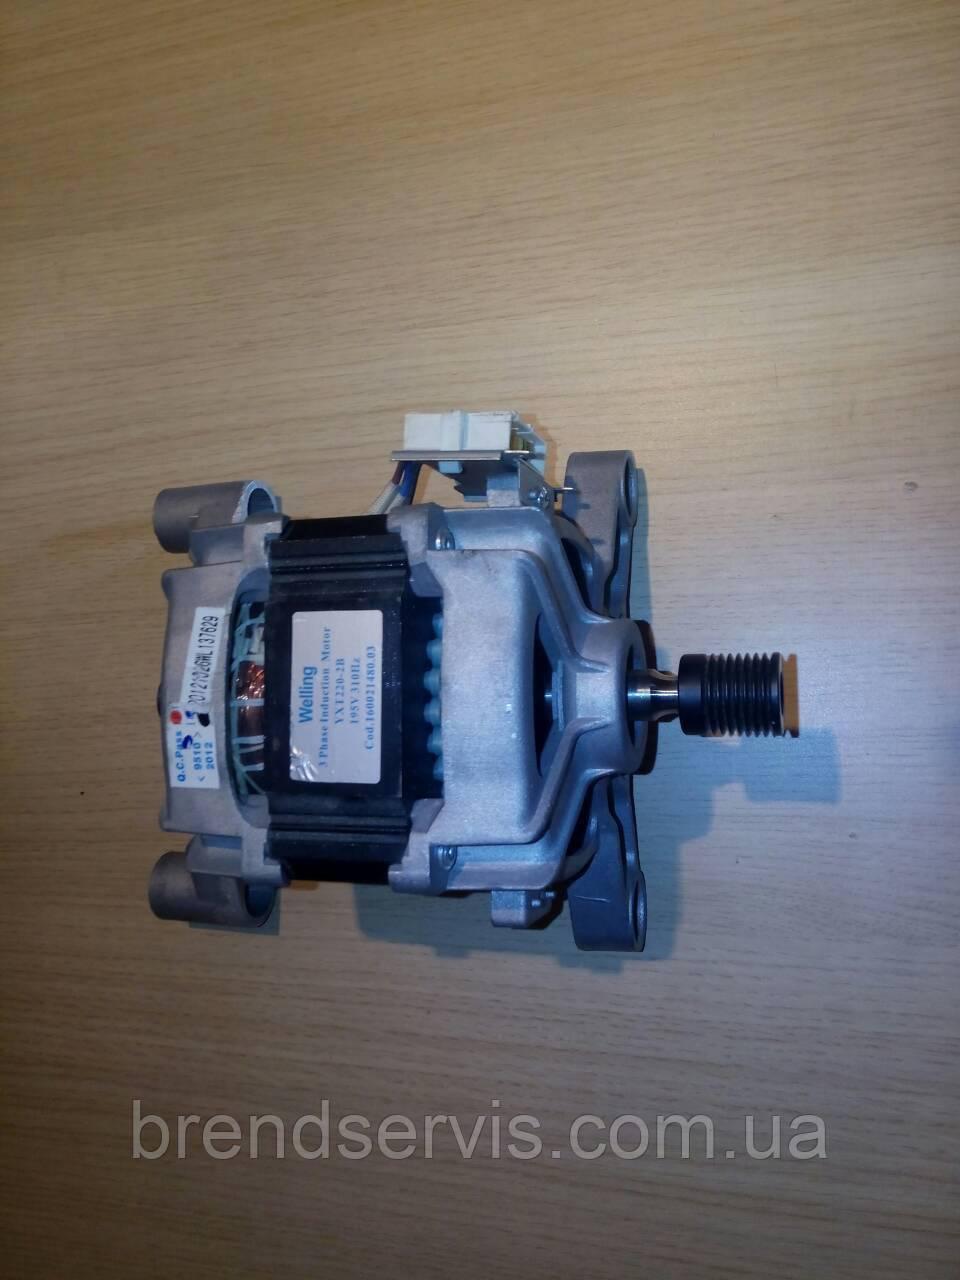 Мотор для стиральной машины Samsung, DC31-00123D